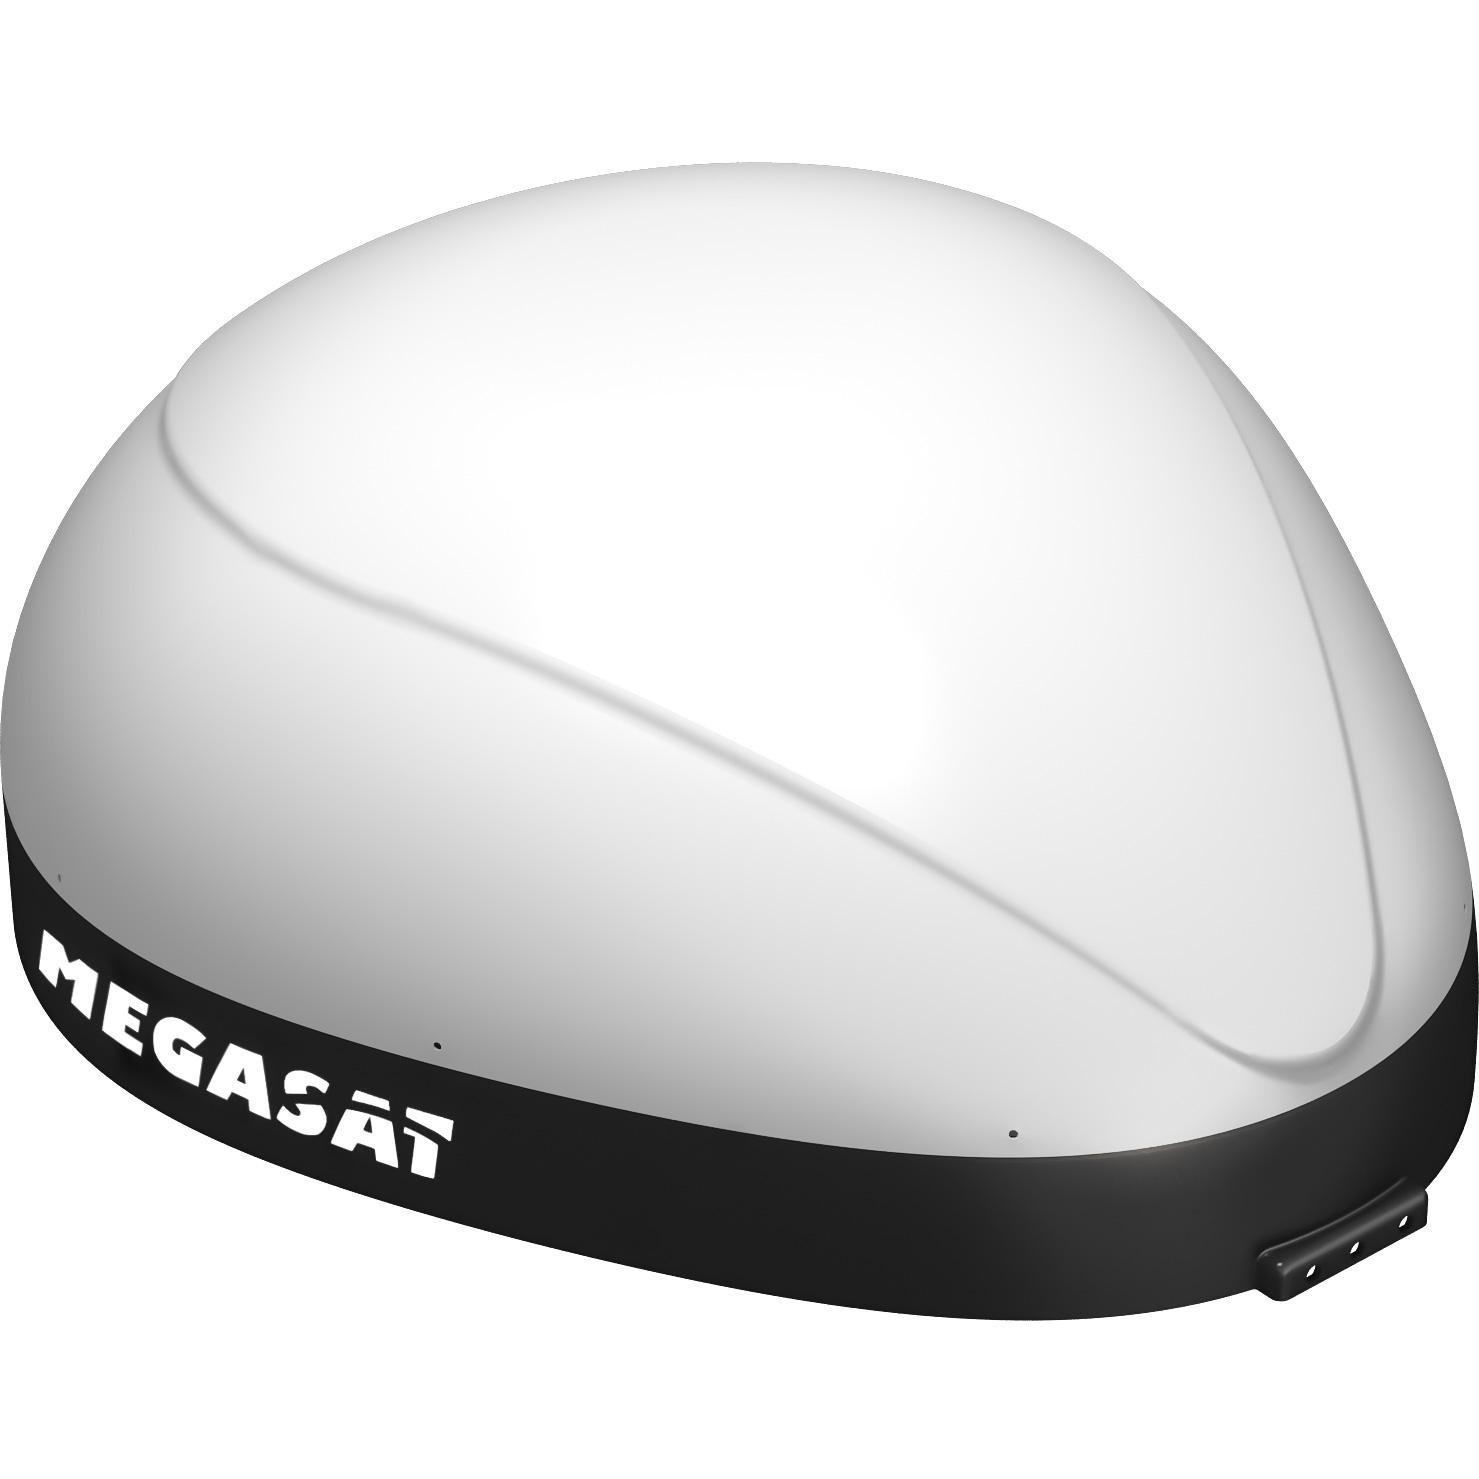 Megasat Campingman Kompakt Twin